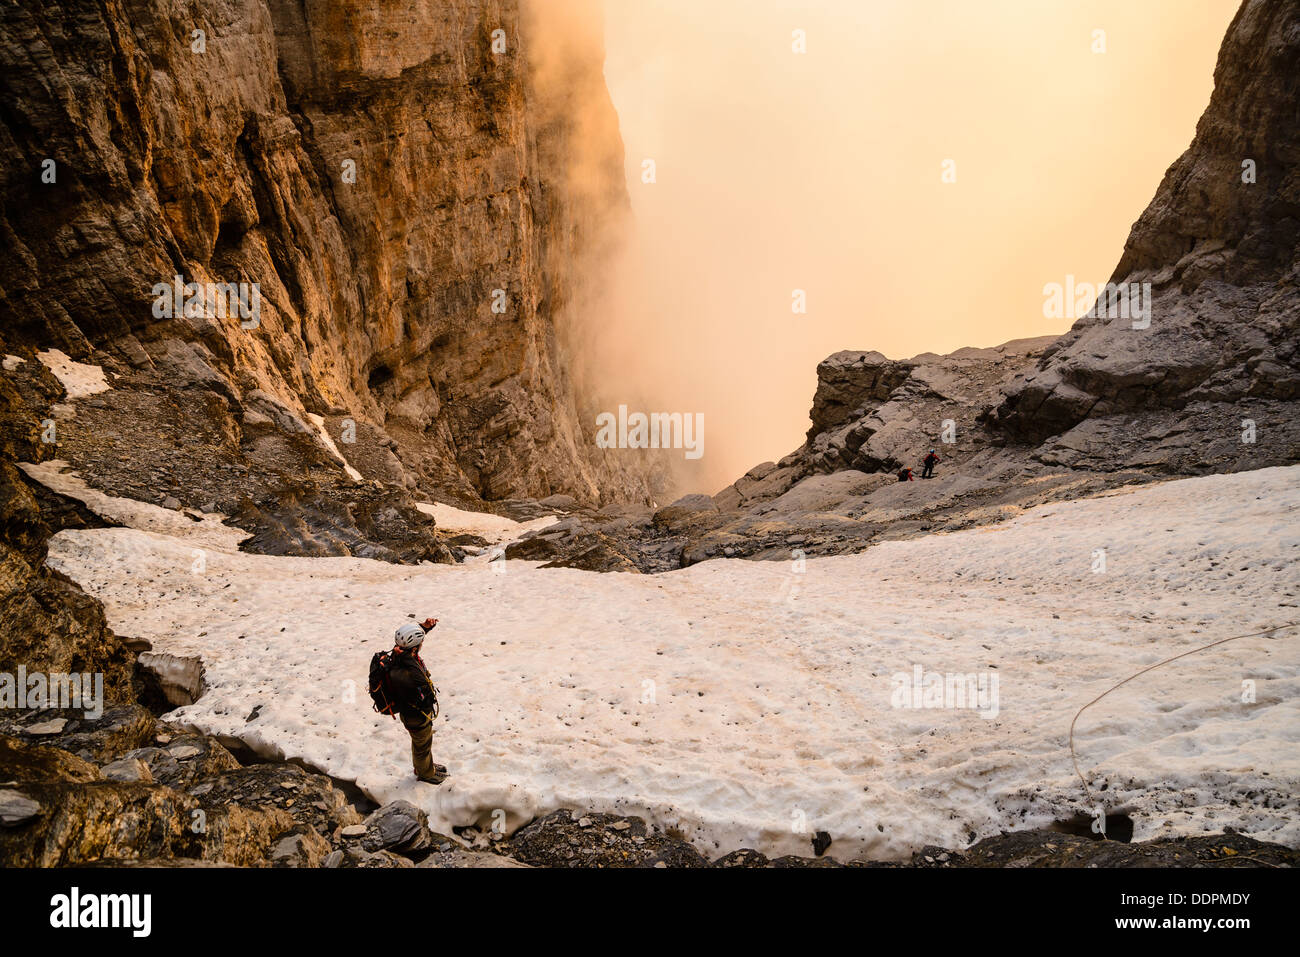 Klettersteig Rotstock : Bergsteiger auf den rotstock klettersteig. der ist eine